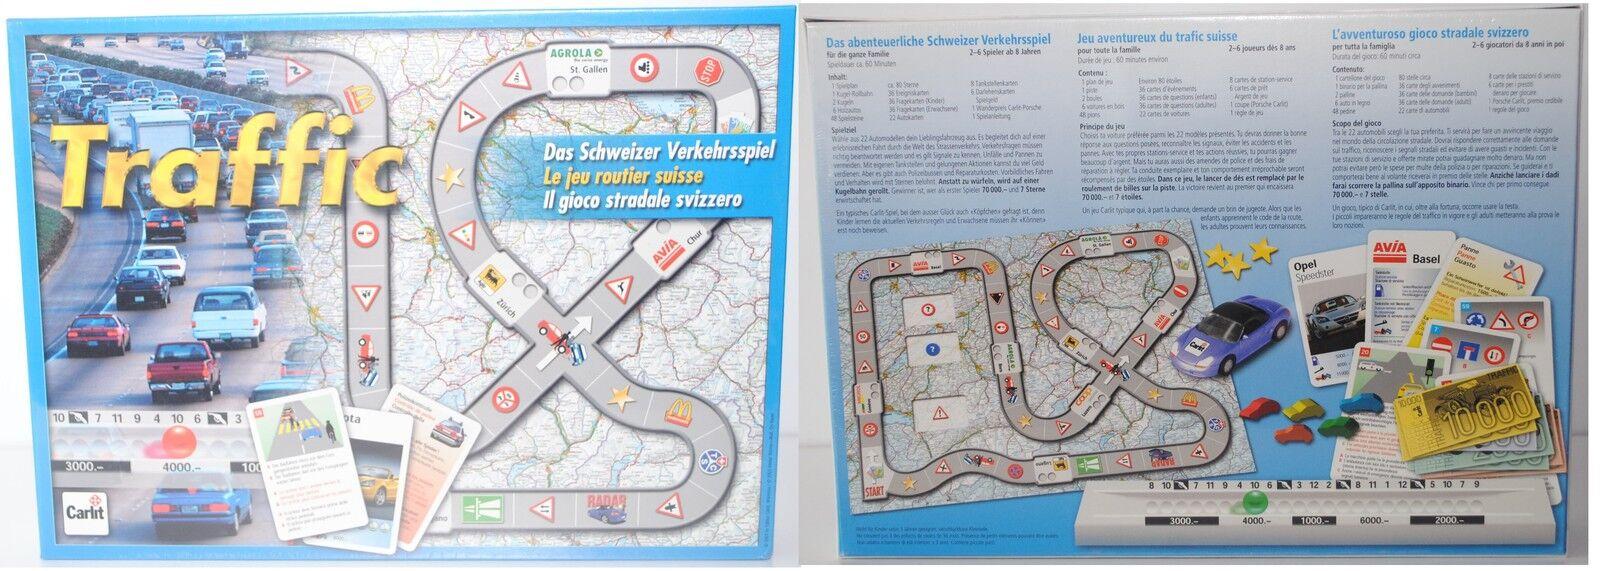 Siku Super 0849 003900 Porsche Boxster im Spiel Traffic, OVP